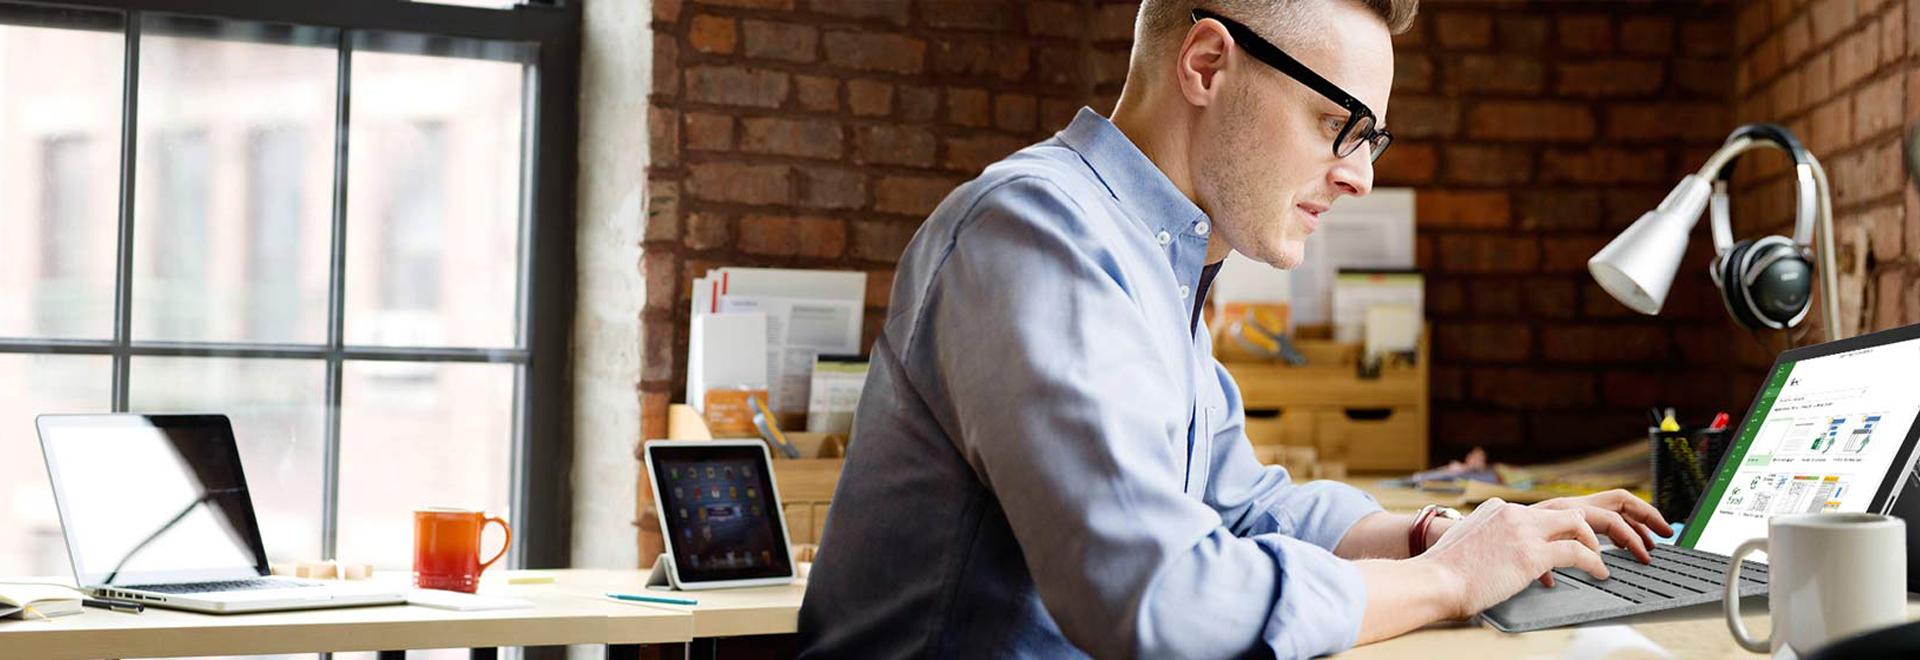 En man sitter vid ett skrivbord och arbetar i Microsoft Project på en Surface-surfplatta.